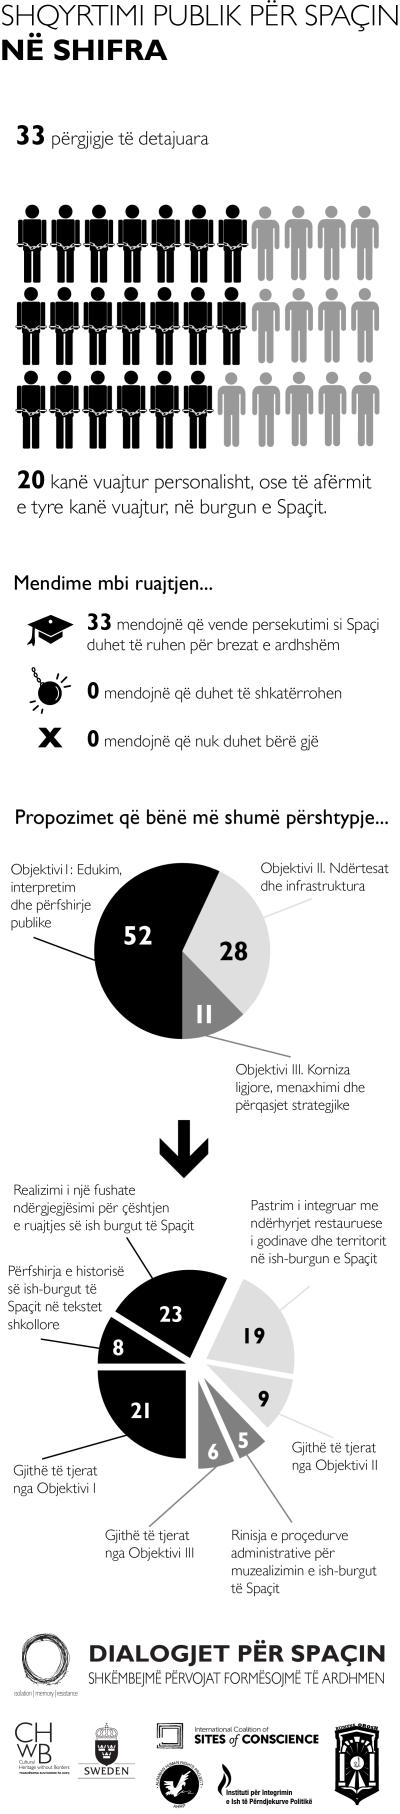 Spaç public consultation infographic_albmb